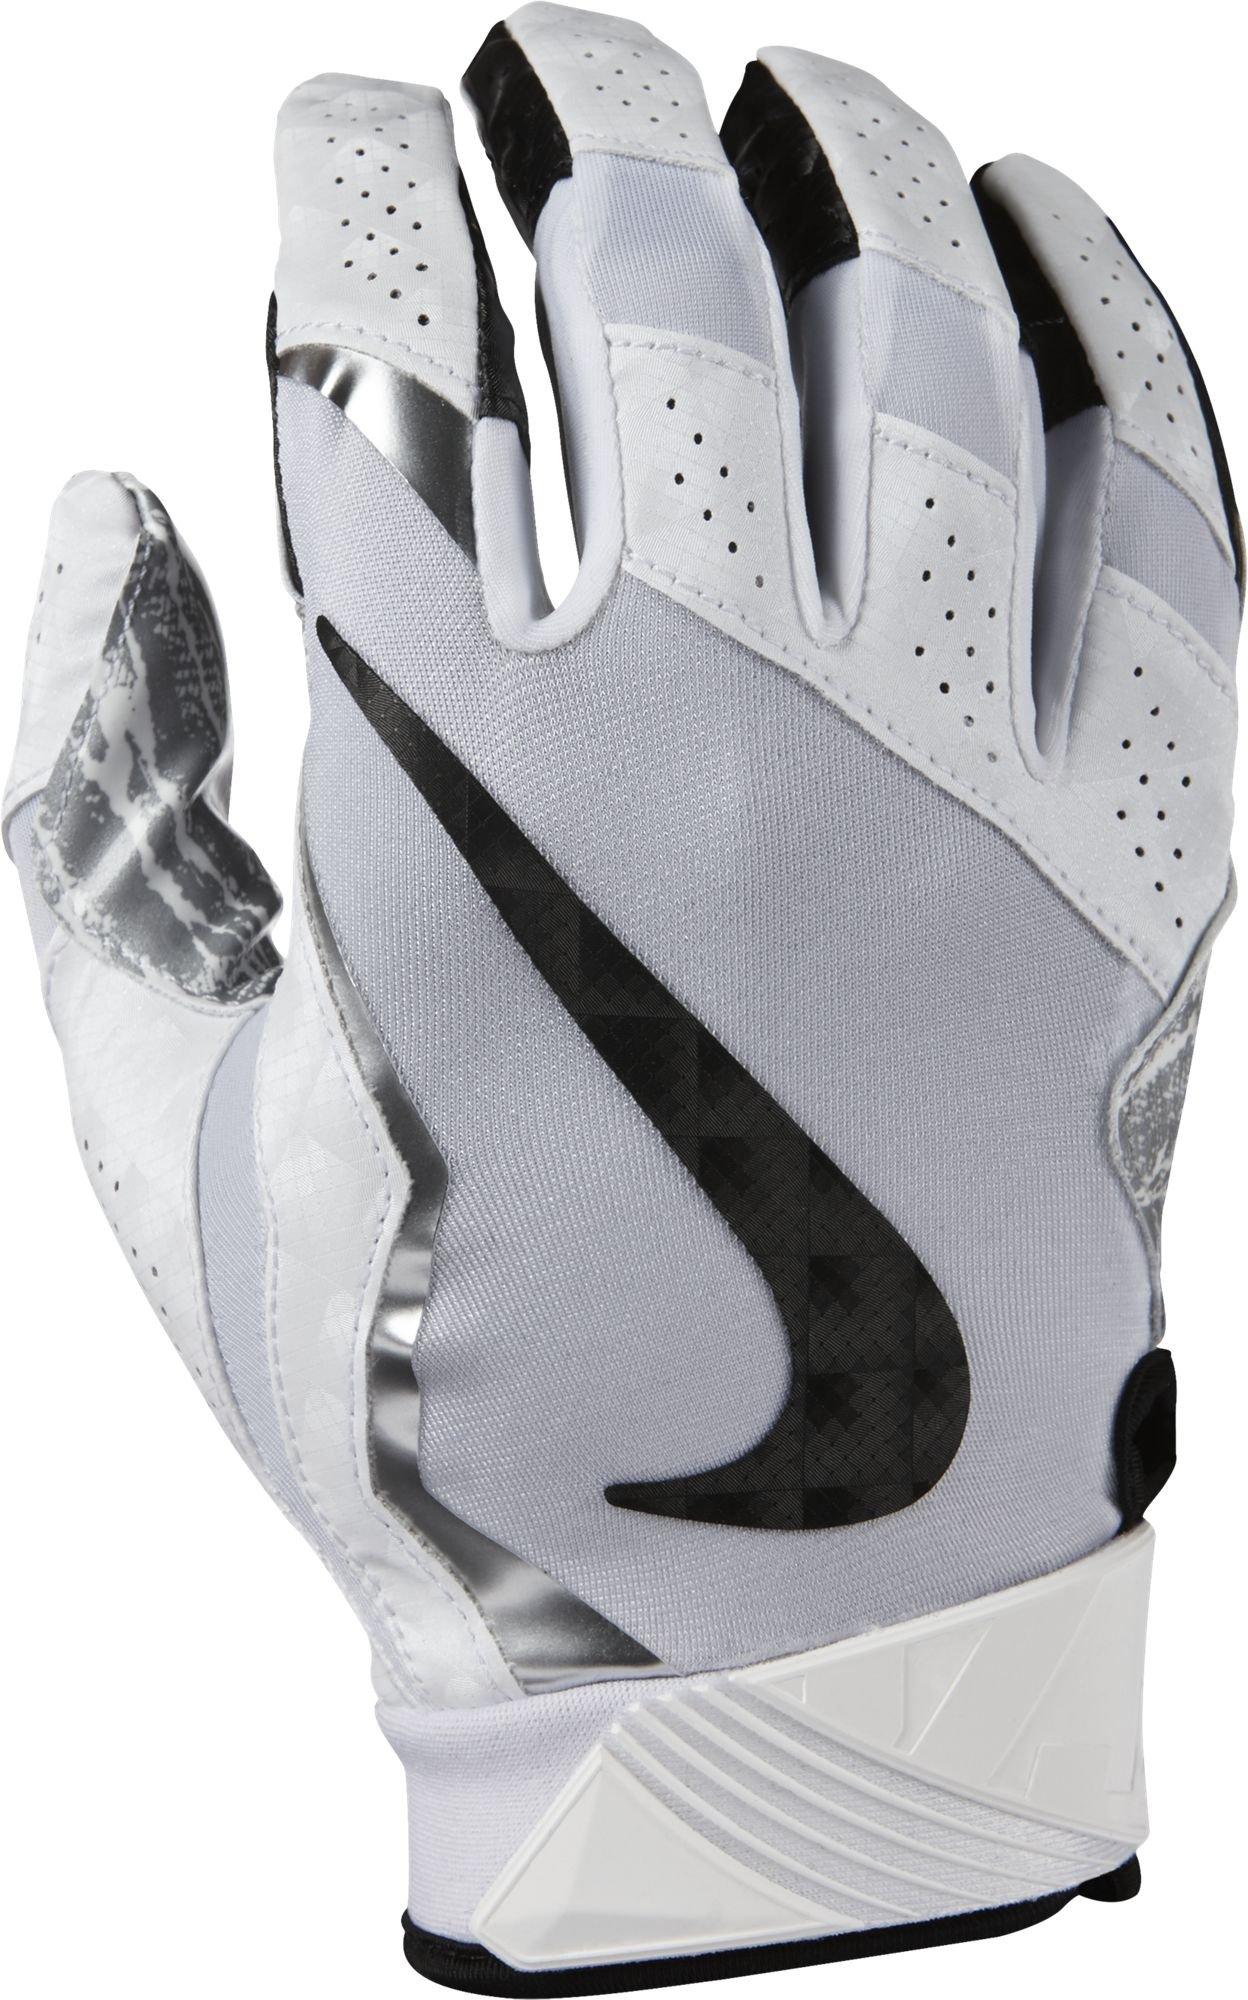 Nike Vapor Jet Gloves 4 White/Metallic Silver/Black Size Small